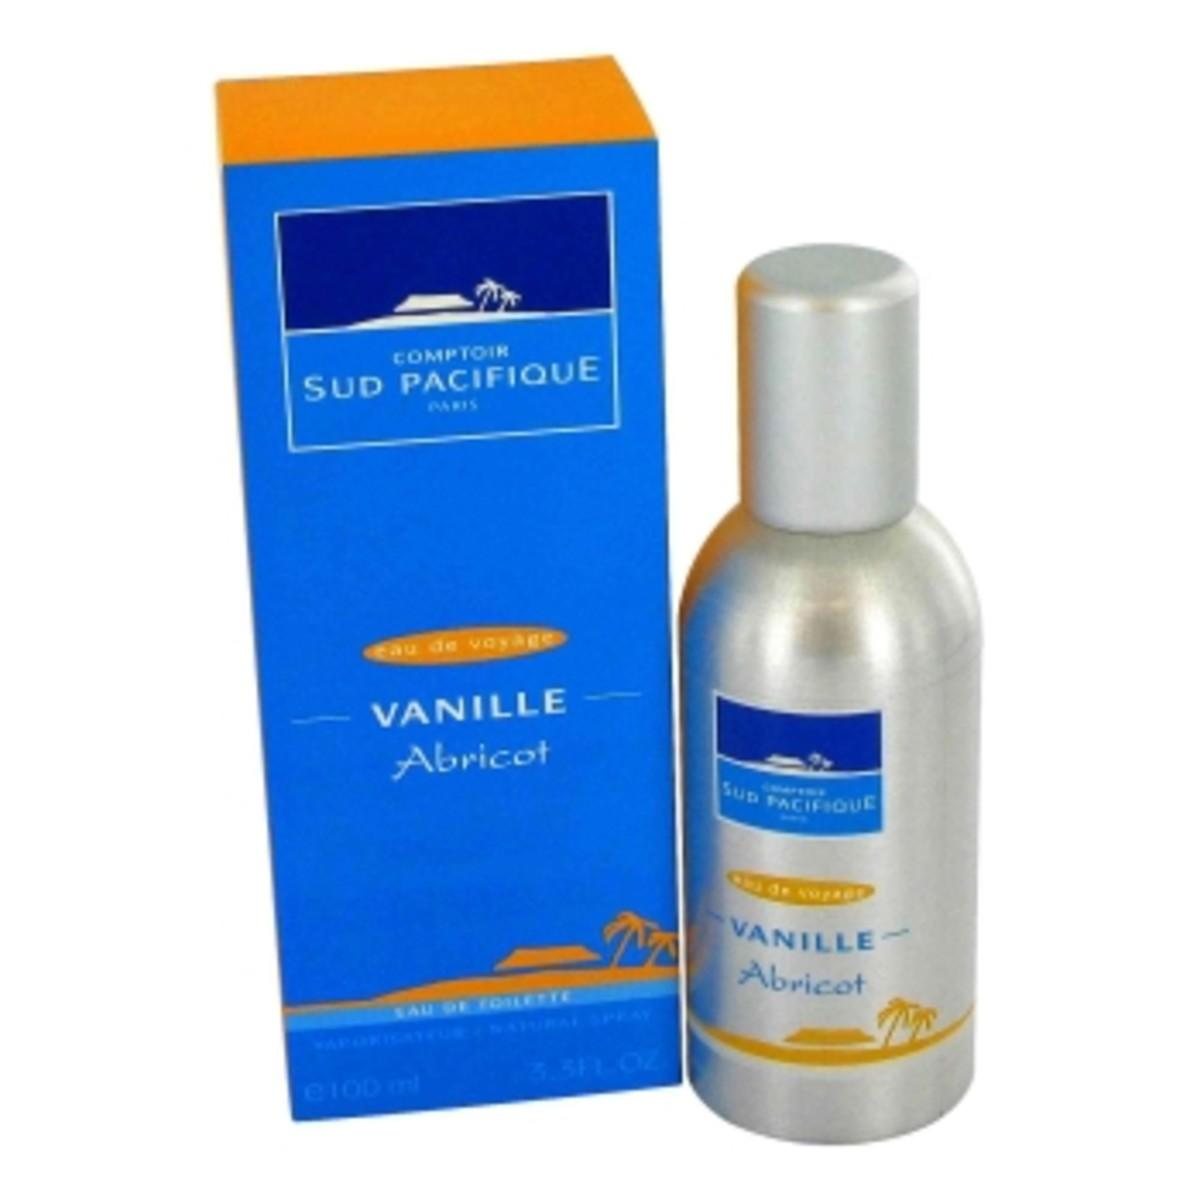 Comptoir-Sud-Pacifique-Vanille-Abricot